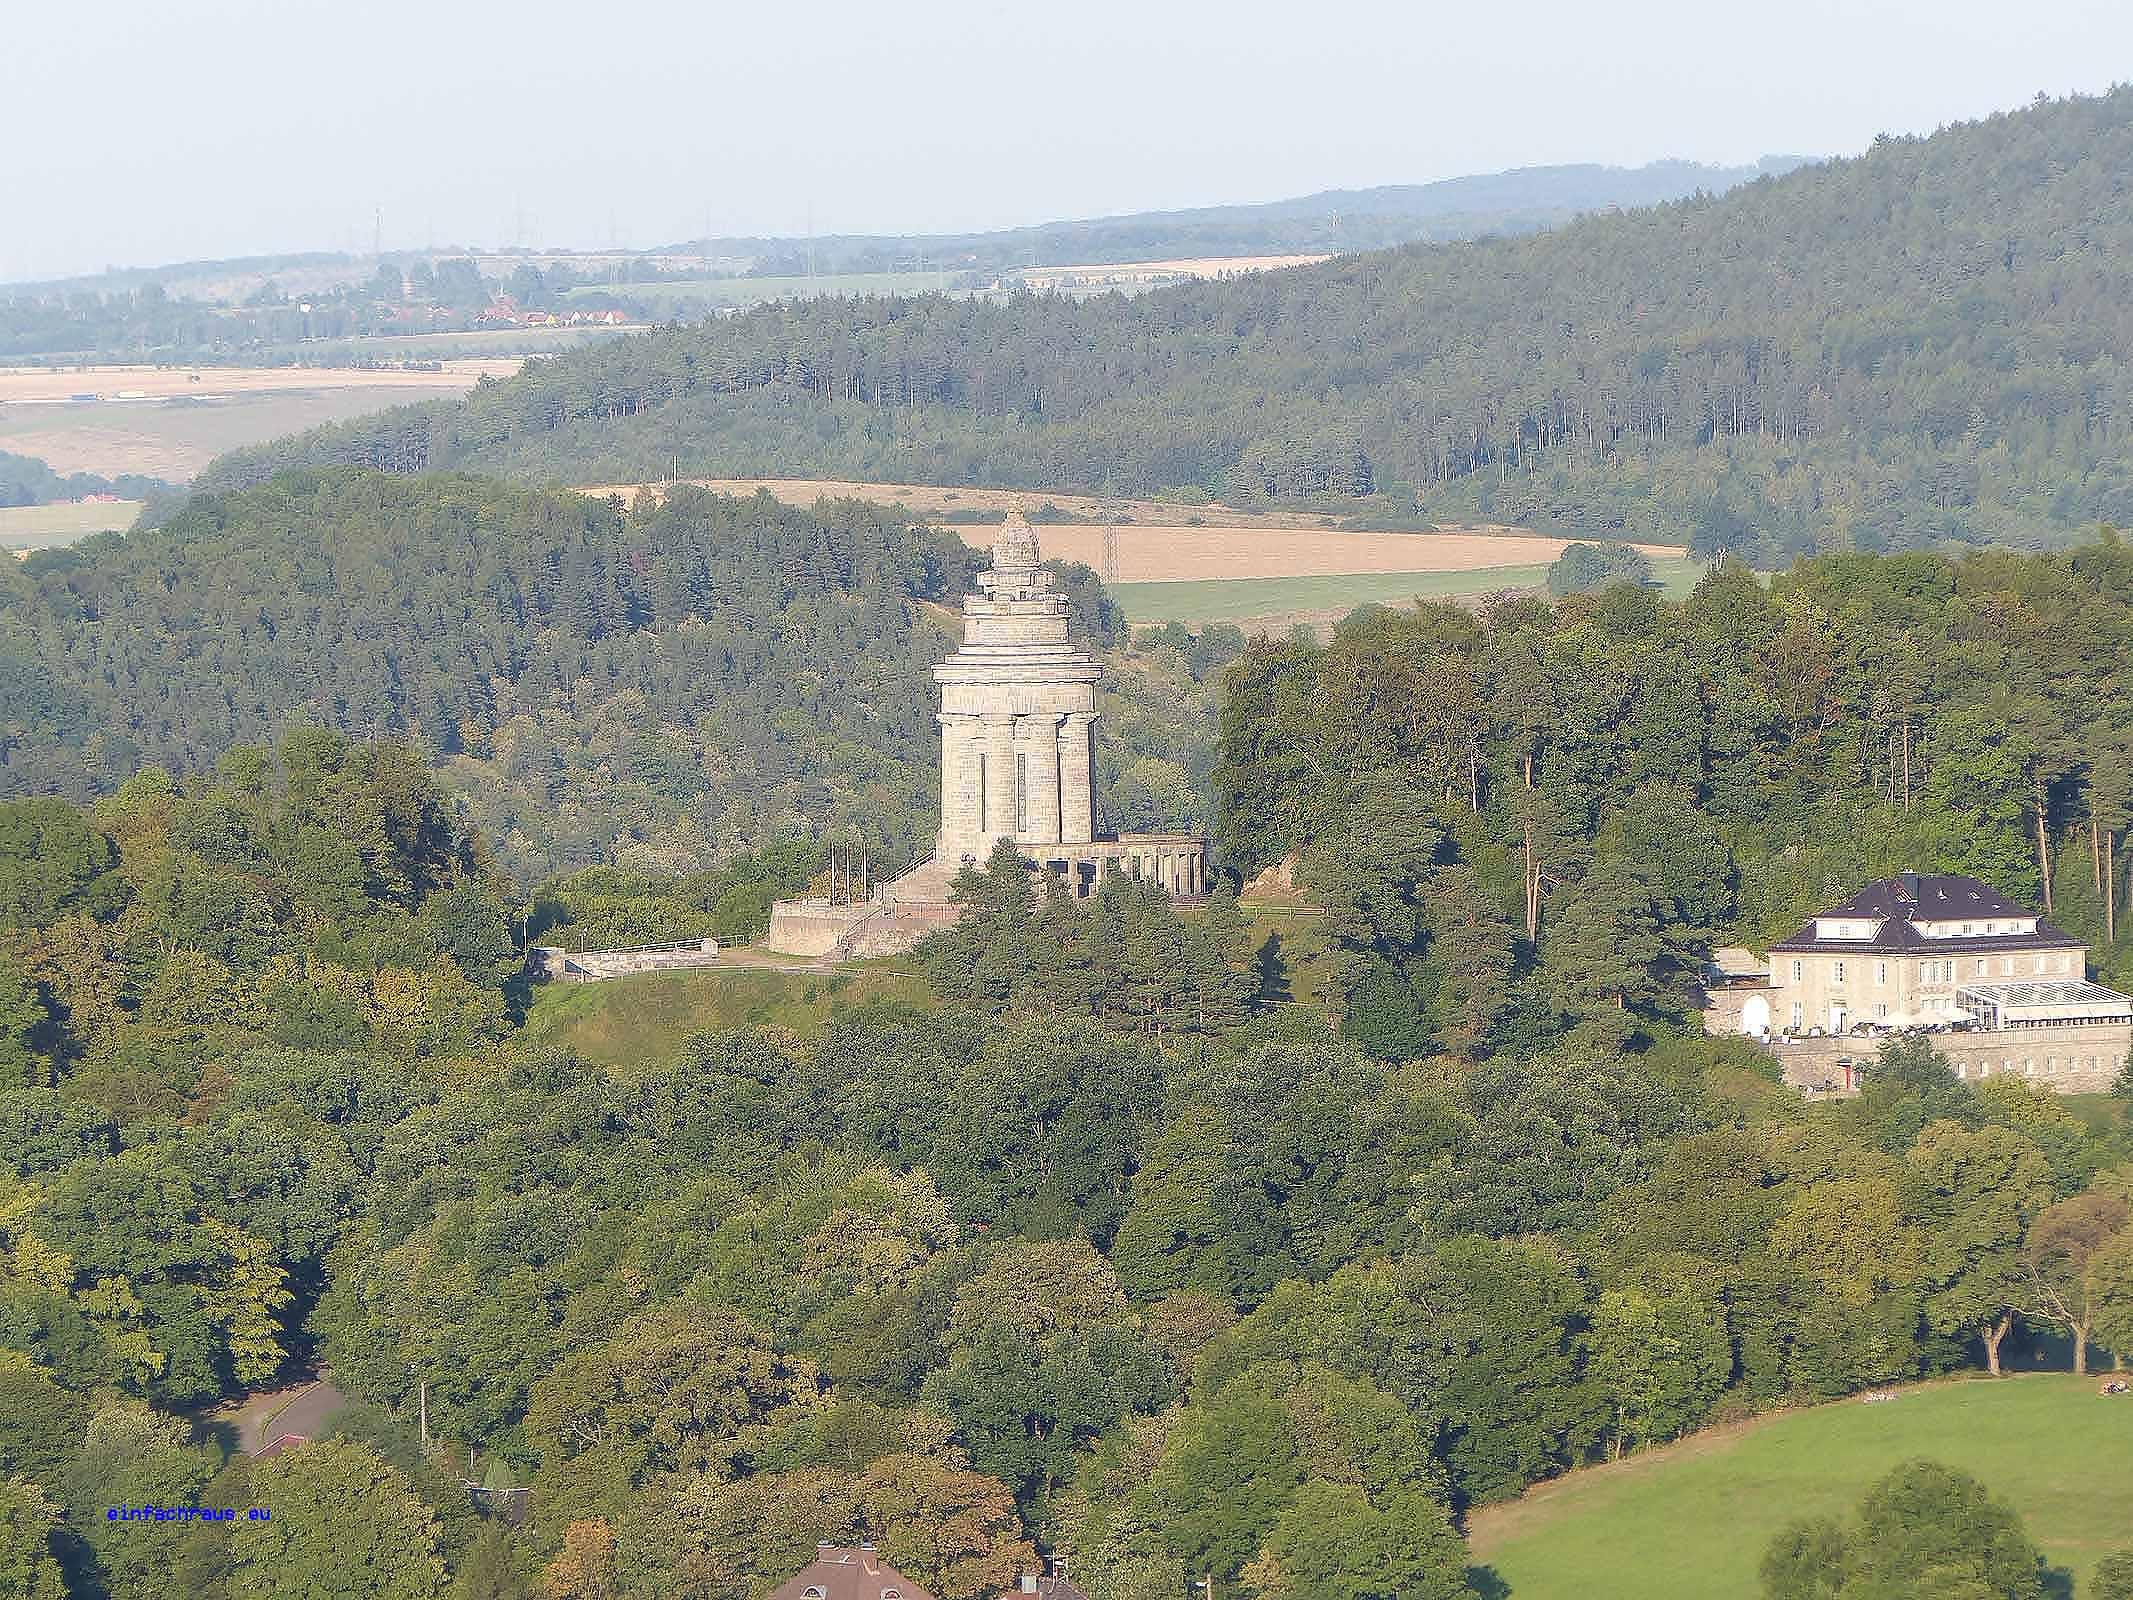 Blick von der Wartburg auf das Burschenschaftsdenkmal, Foto: D.Weirauch